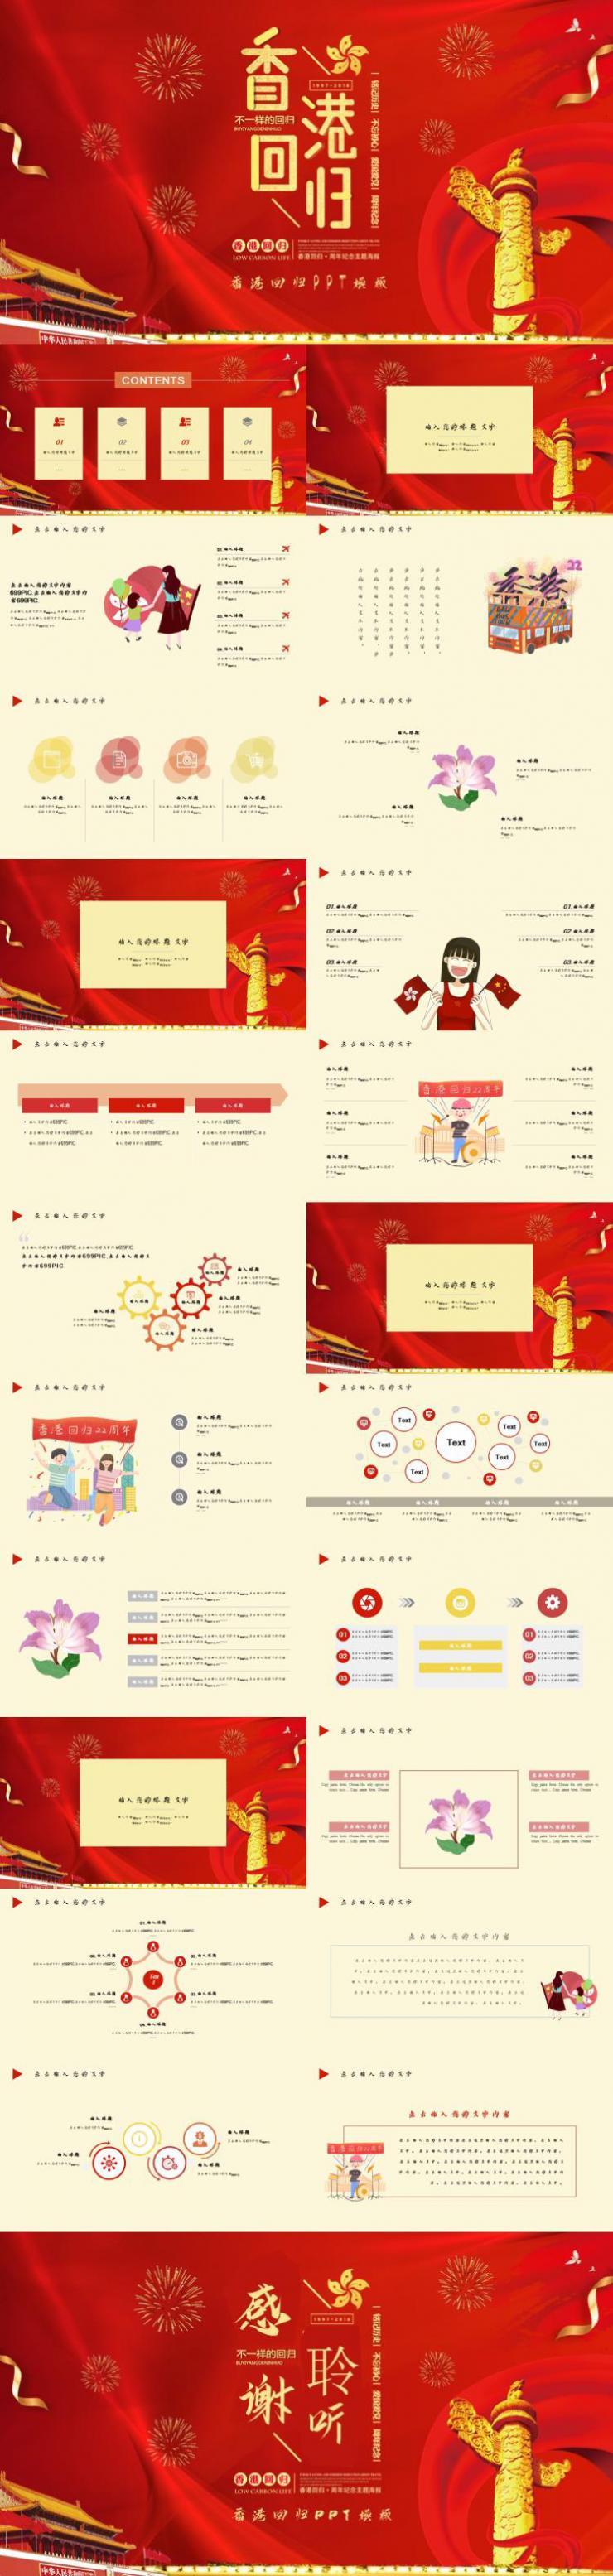 香港回归PPT模板下载